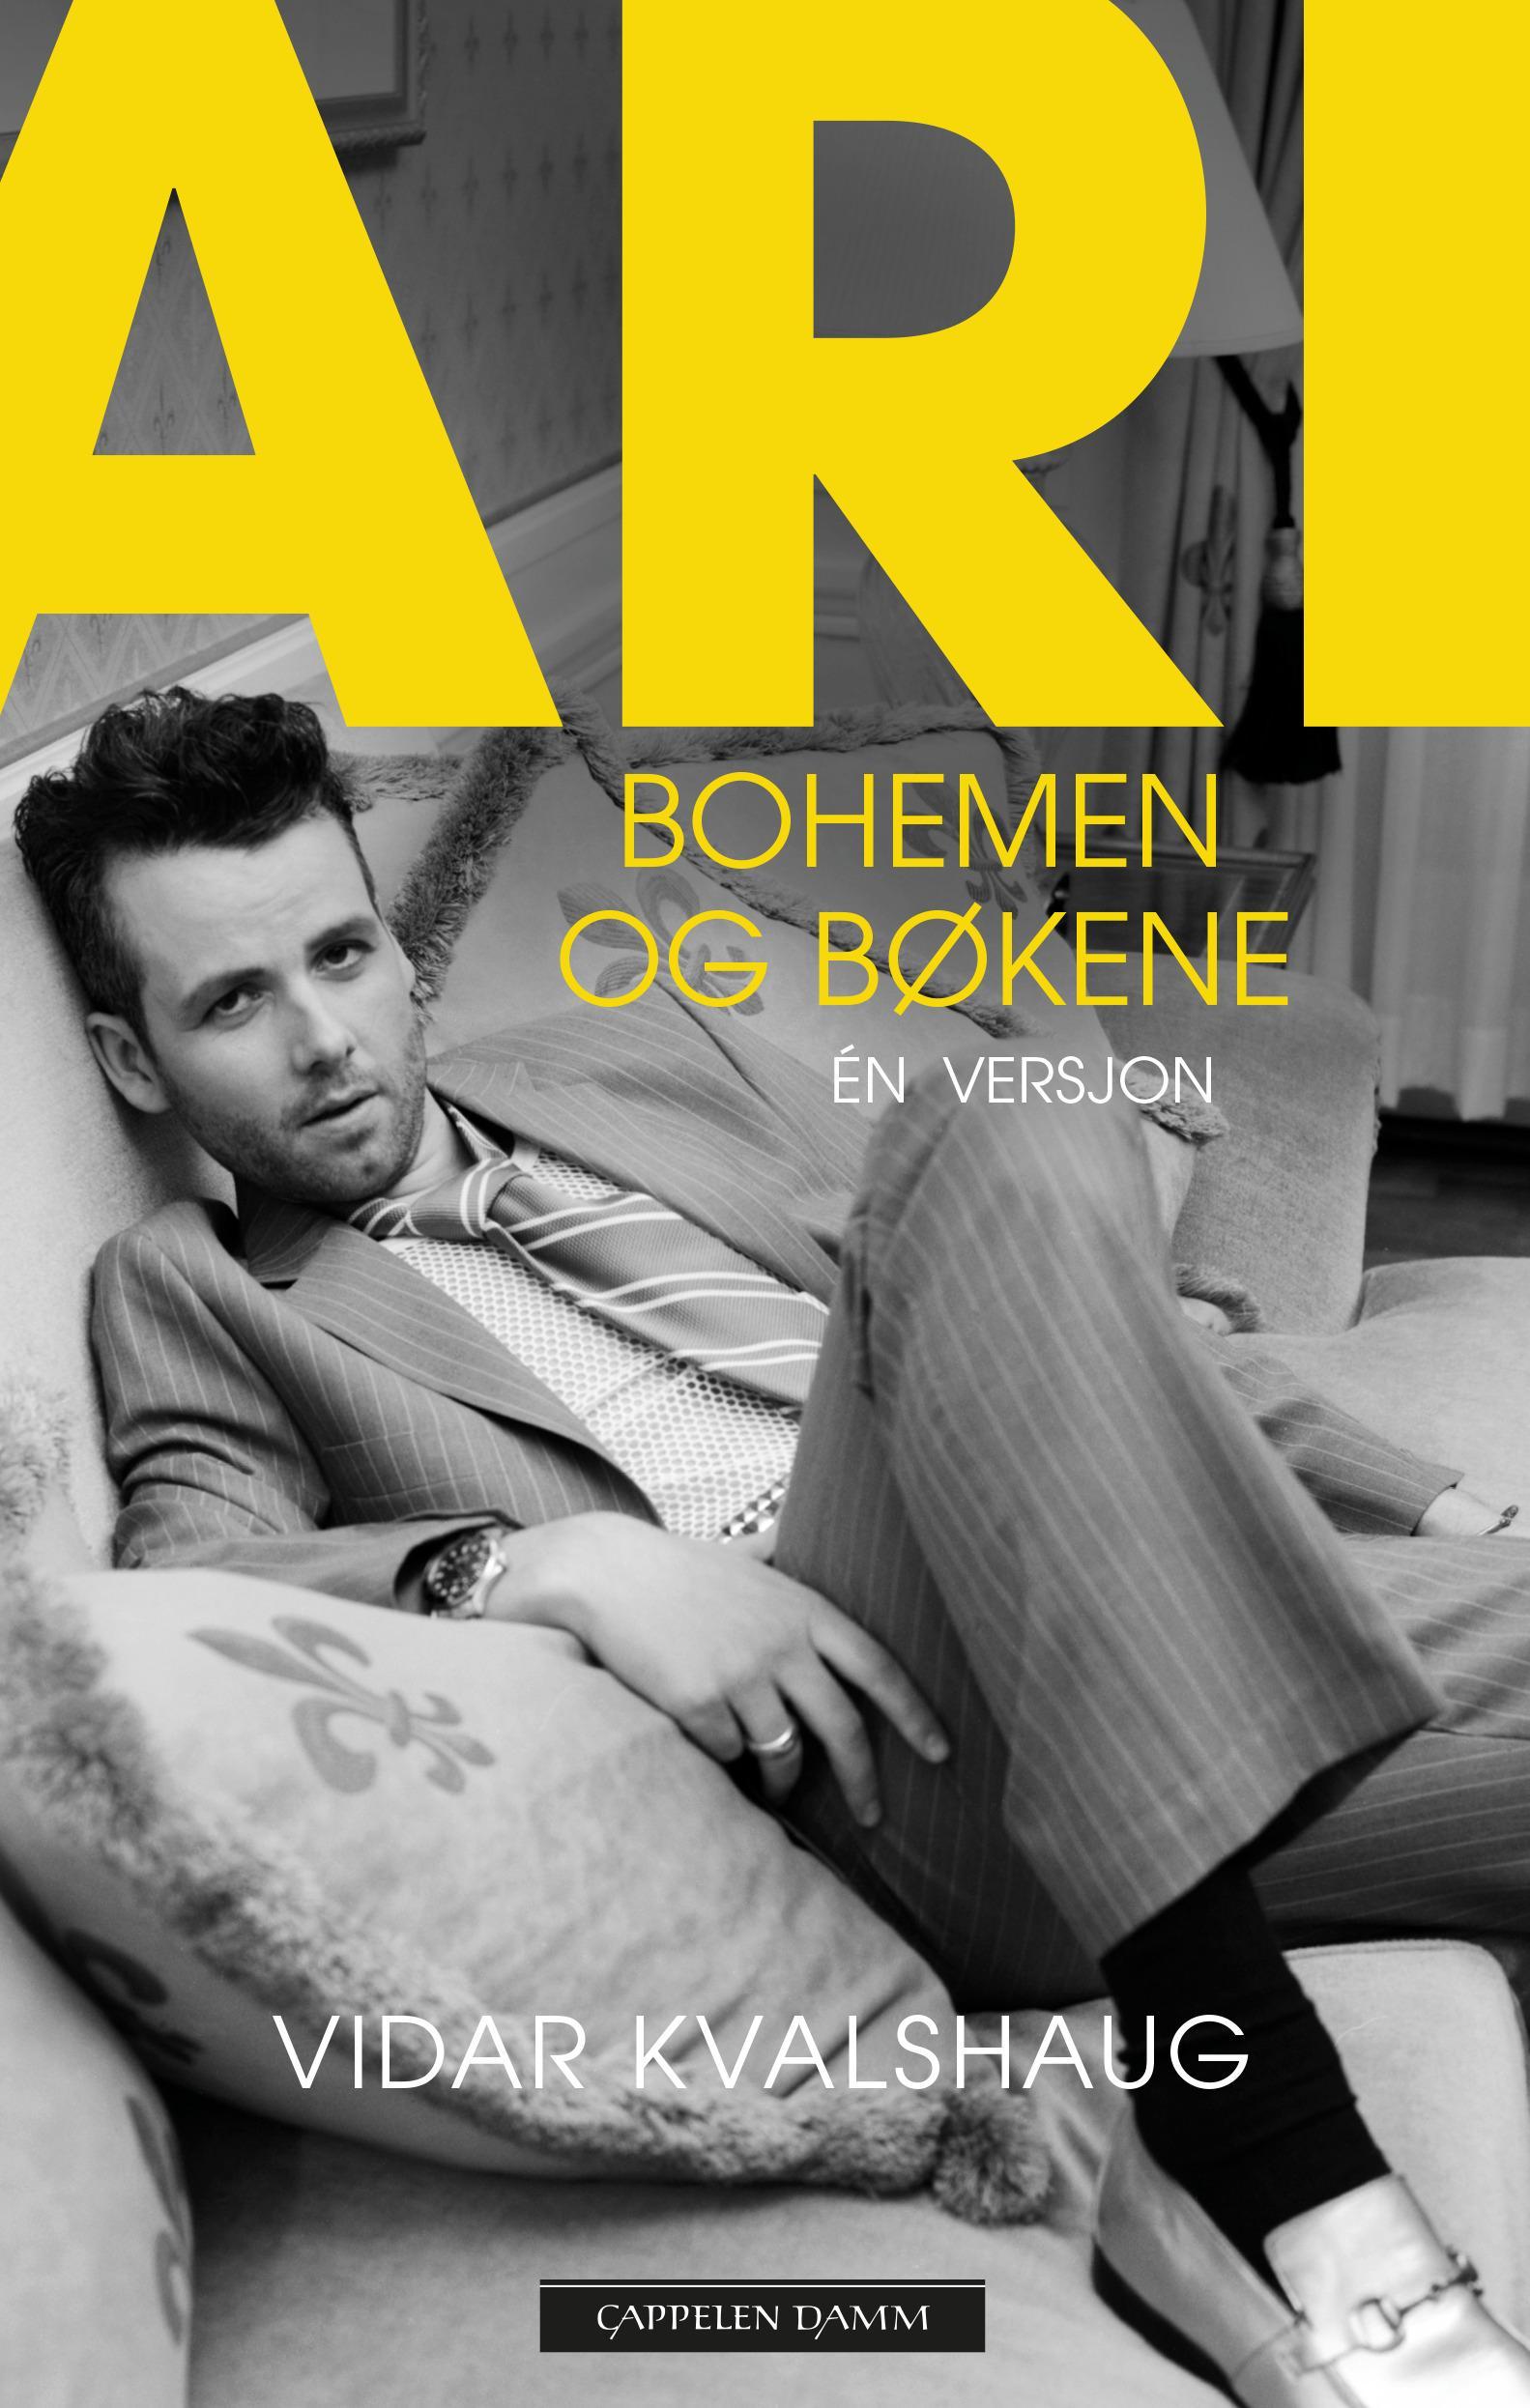 """""""Ari - bohemen og bøkene"""" av Vidar Kvalshaug"""